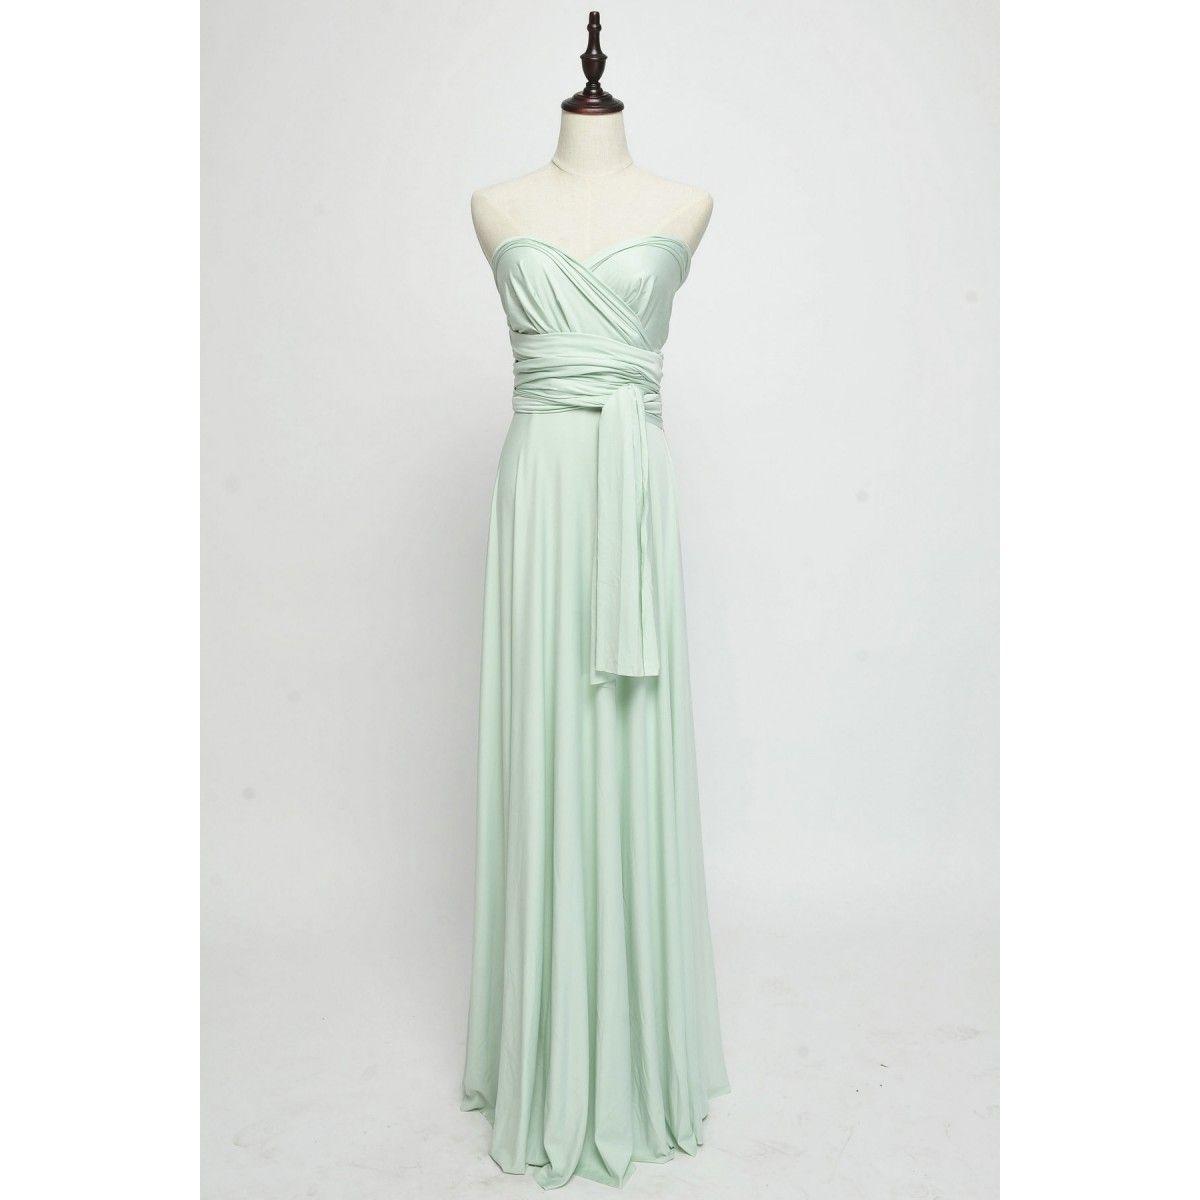 Pin lisääjältä allinone dresses taulussa infinity bridesmaid dress